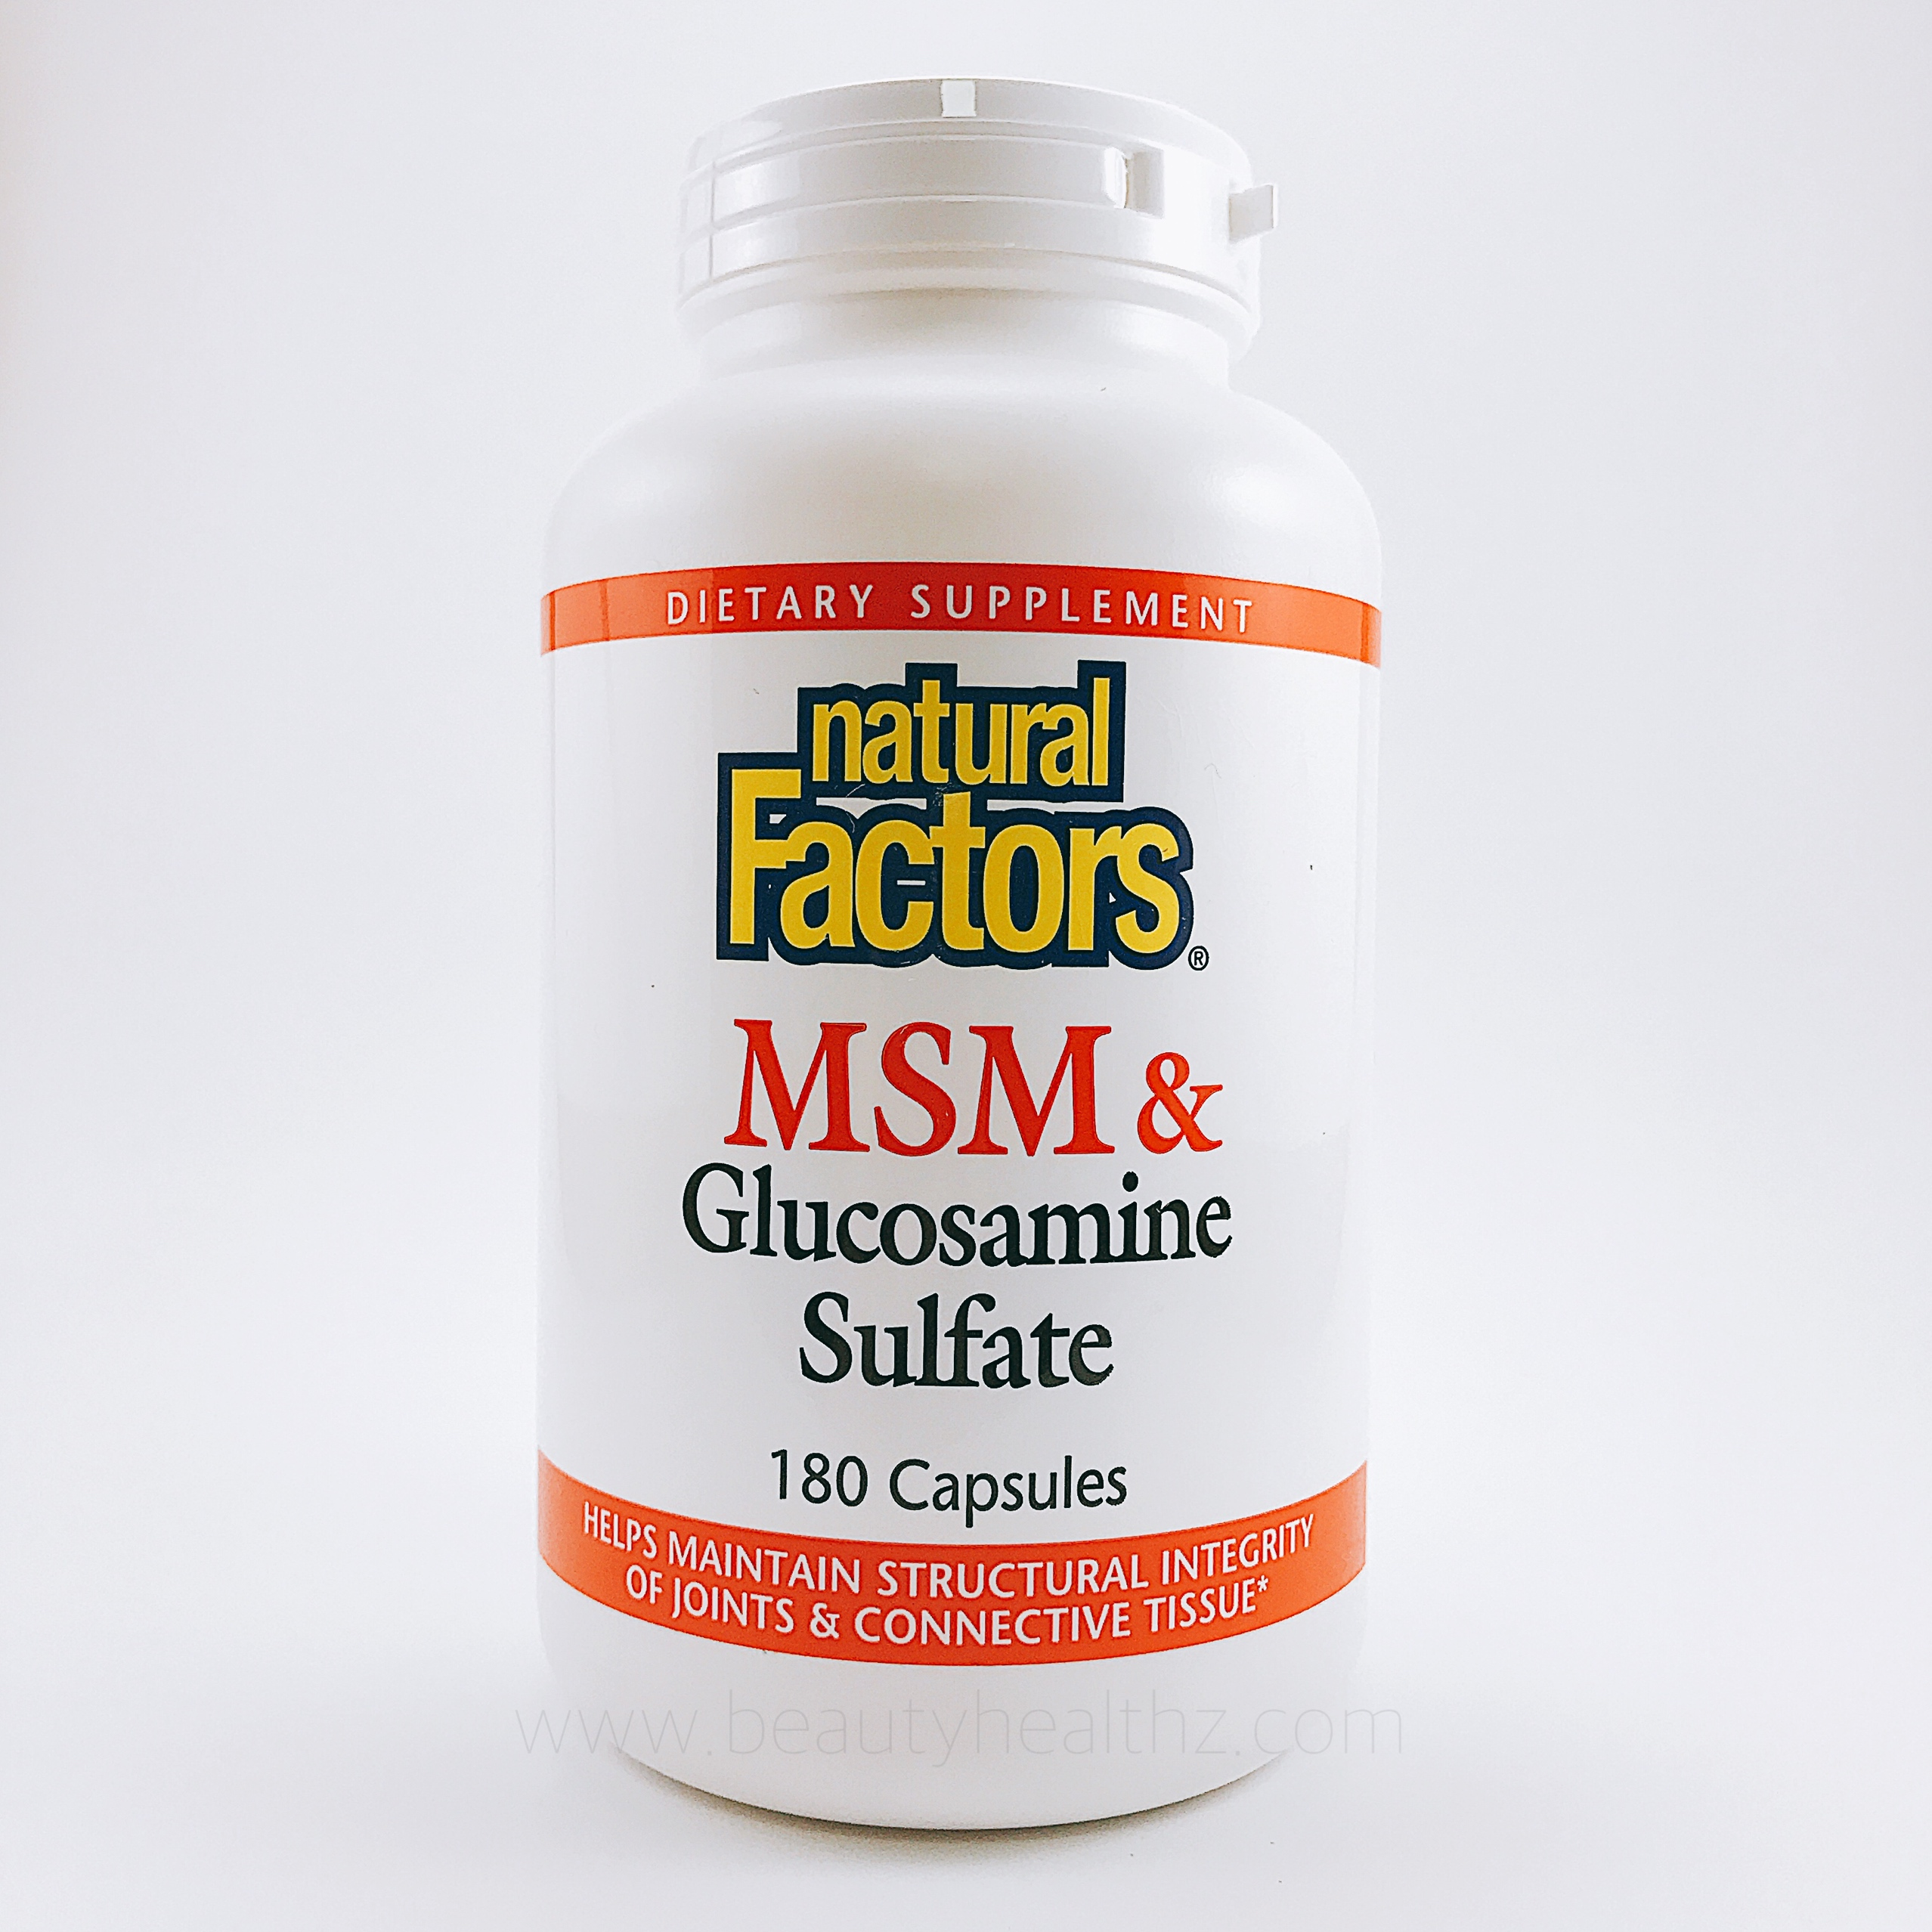 Natural Factors, MSM & Glucosamine Sulfate, 180 Capsules